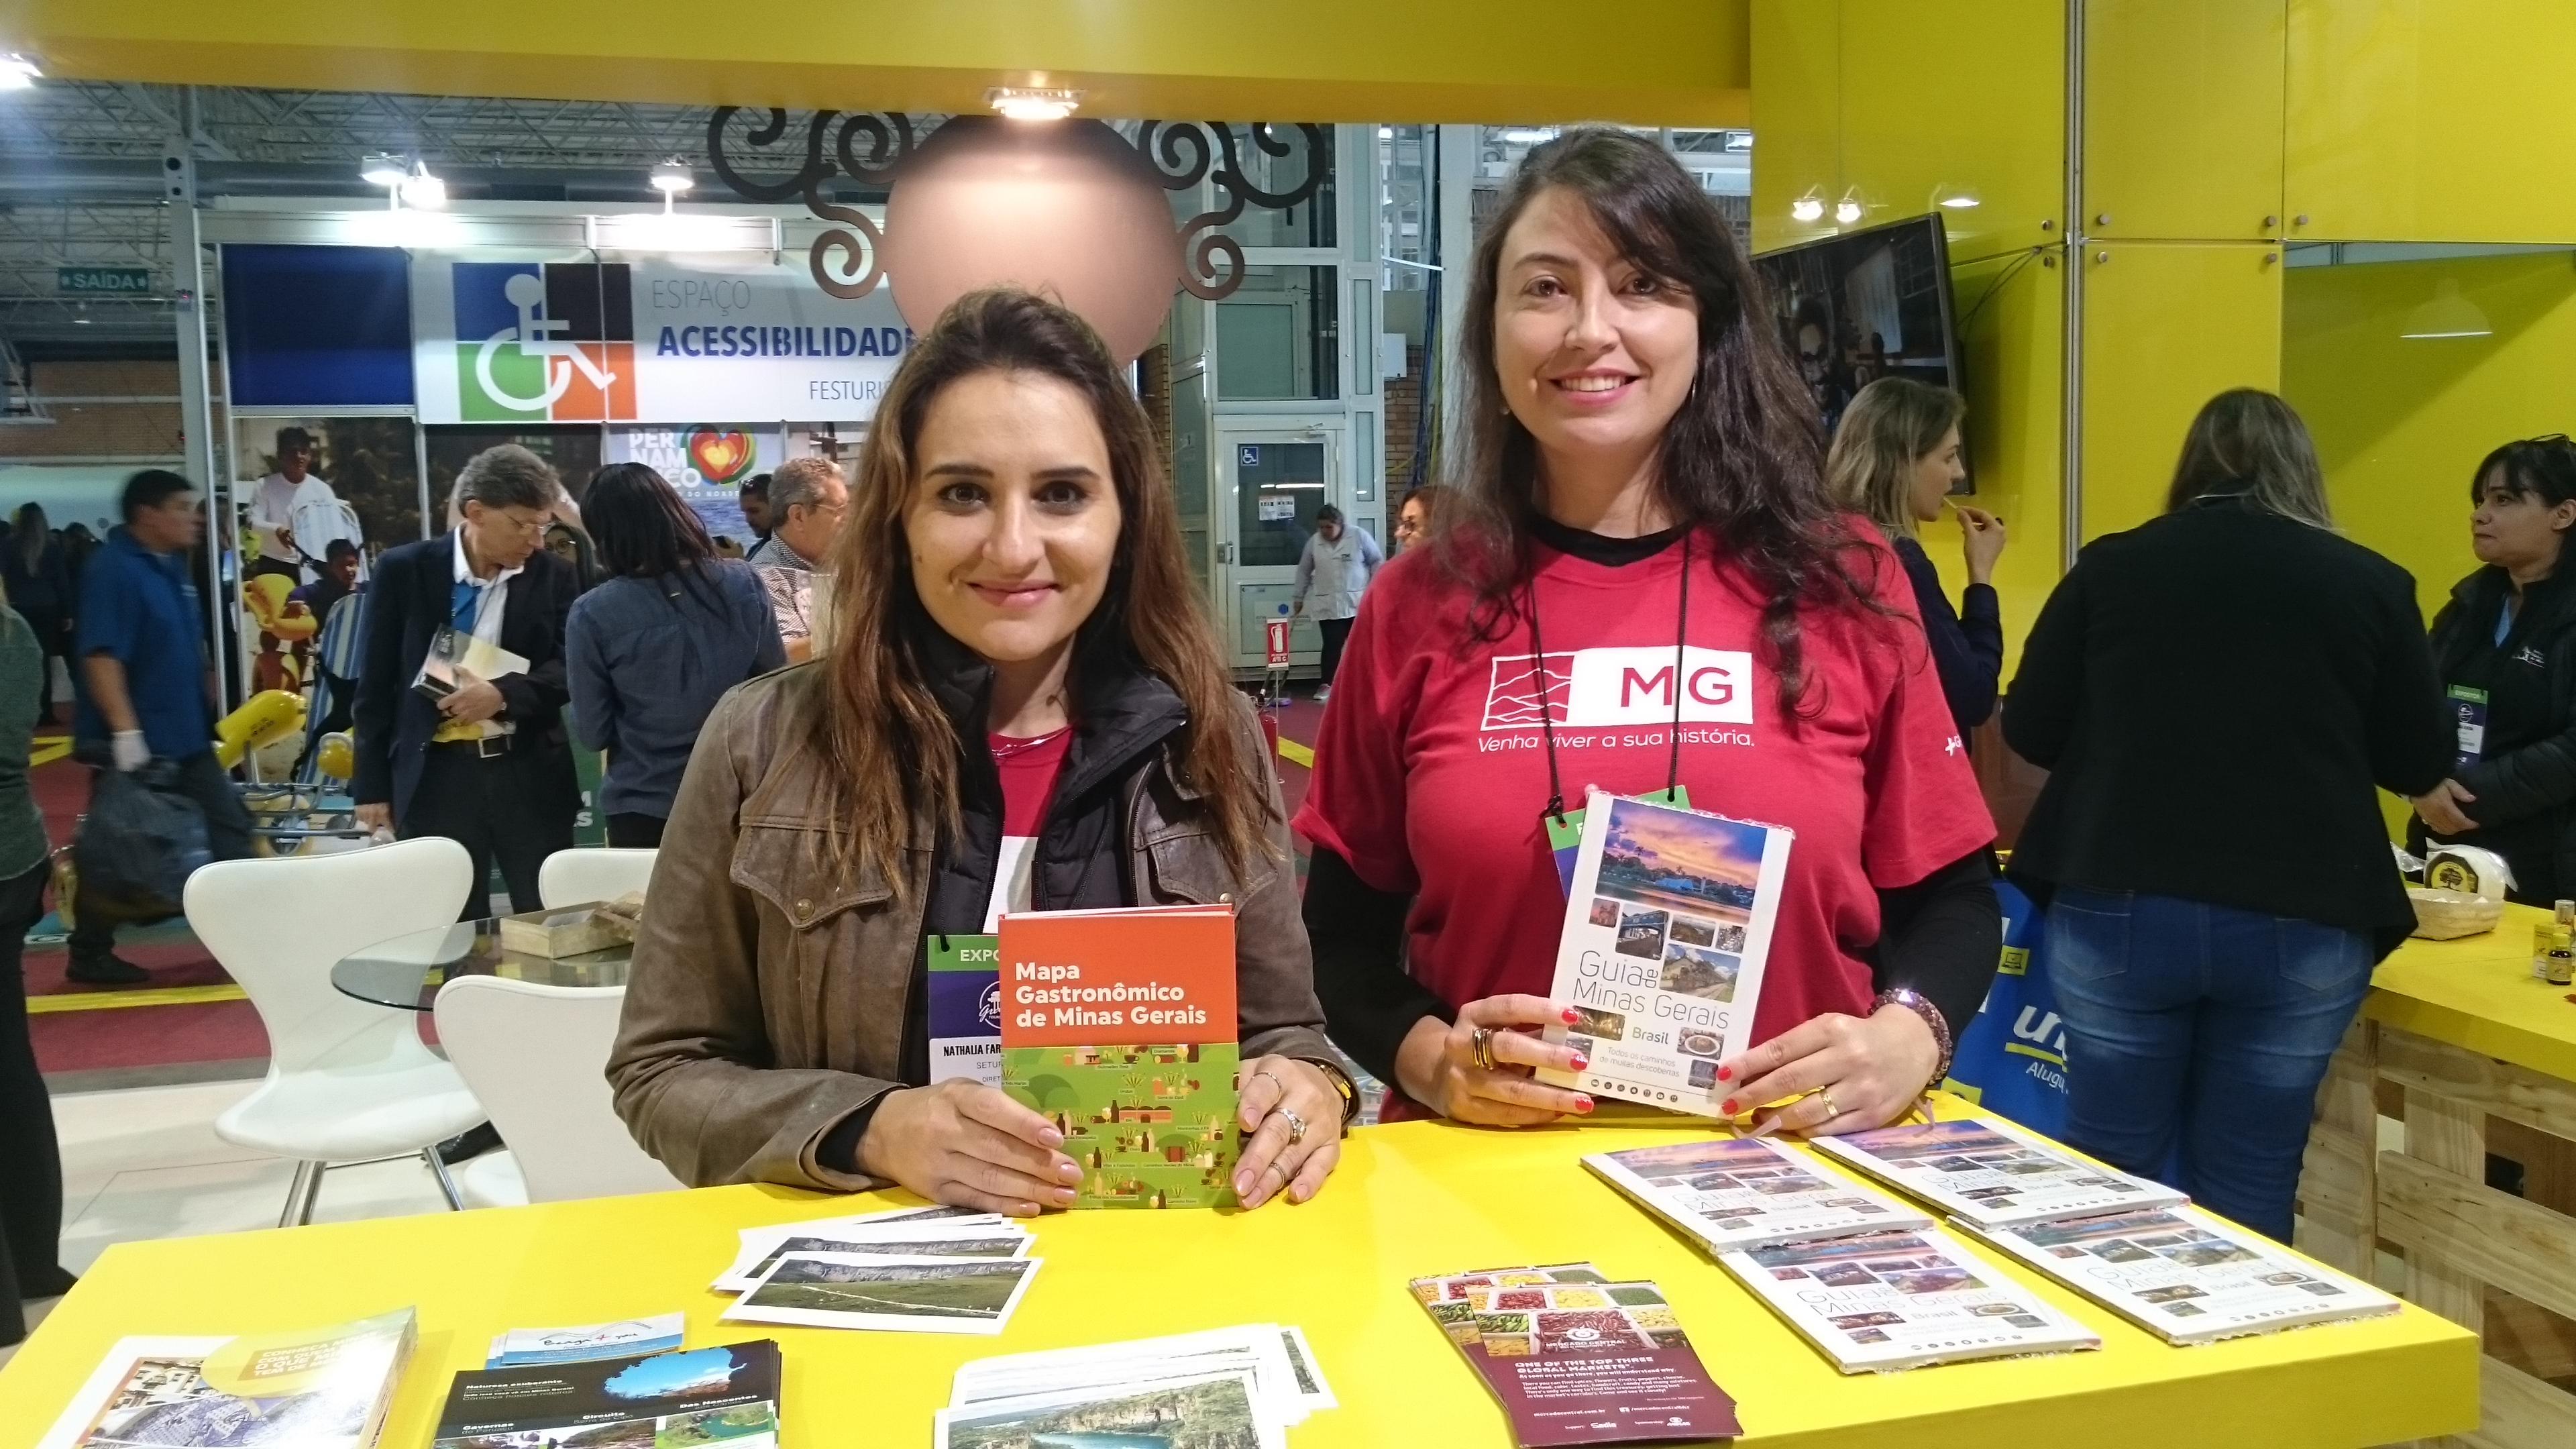 Nathalia Laranjo e Michele Andrade, da Secretaria de Turismo de Minas Gerais